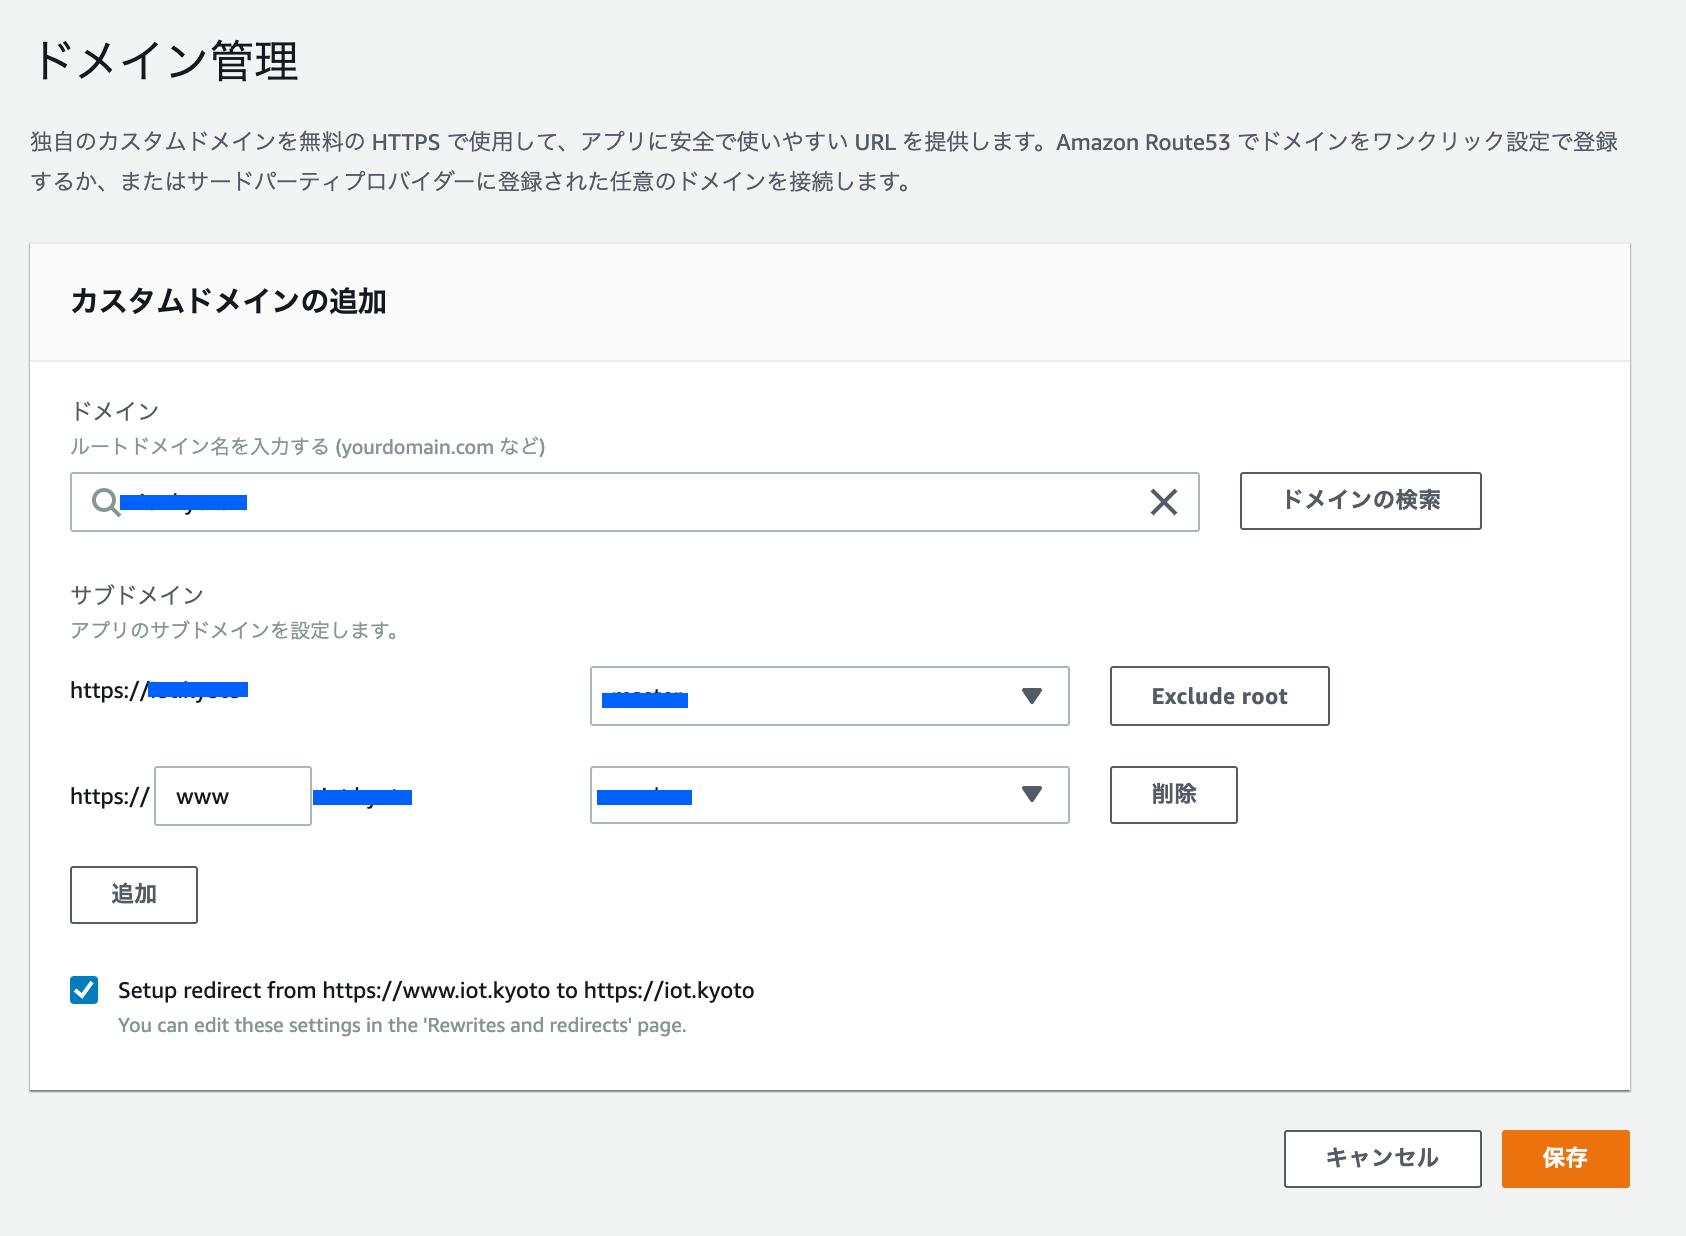 スクリーンショット 2019-06-06 15.42.36.png